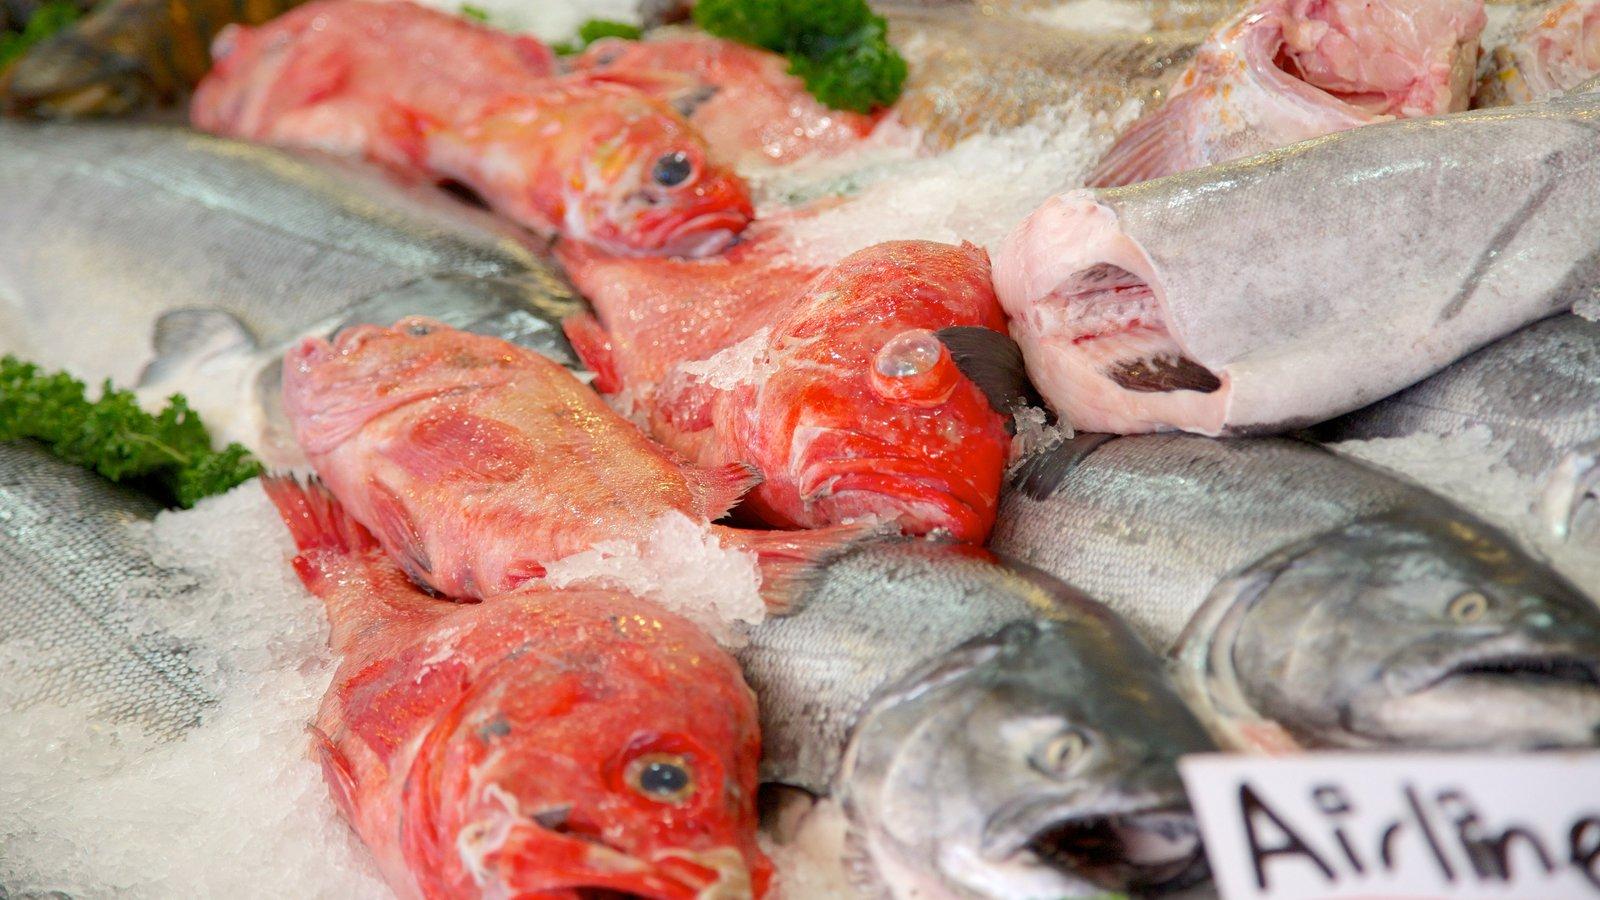 Pike Place Market caracterizando mercados e pesca